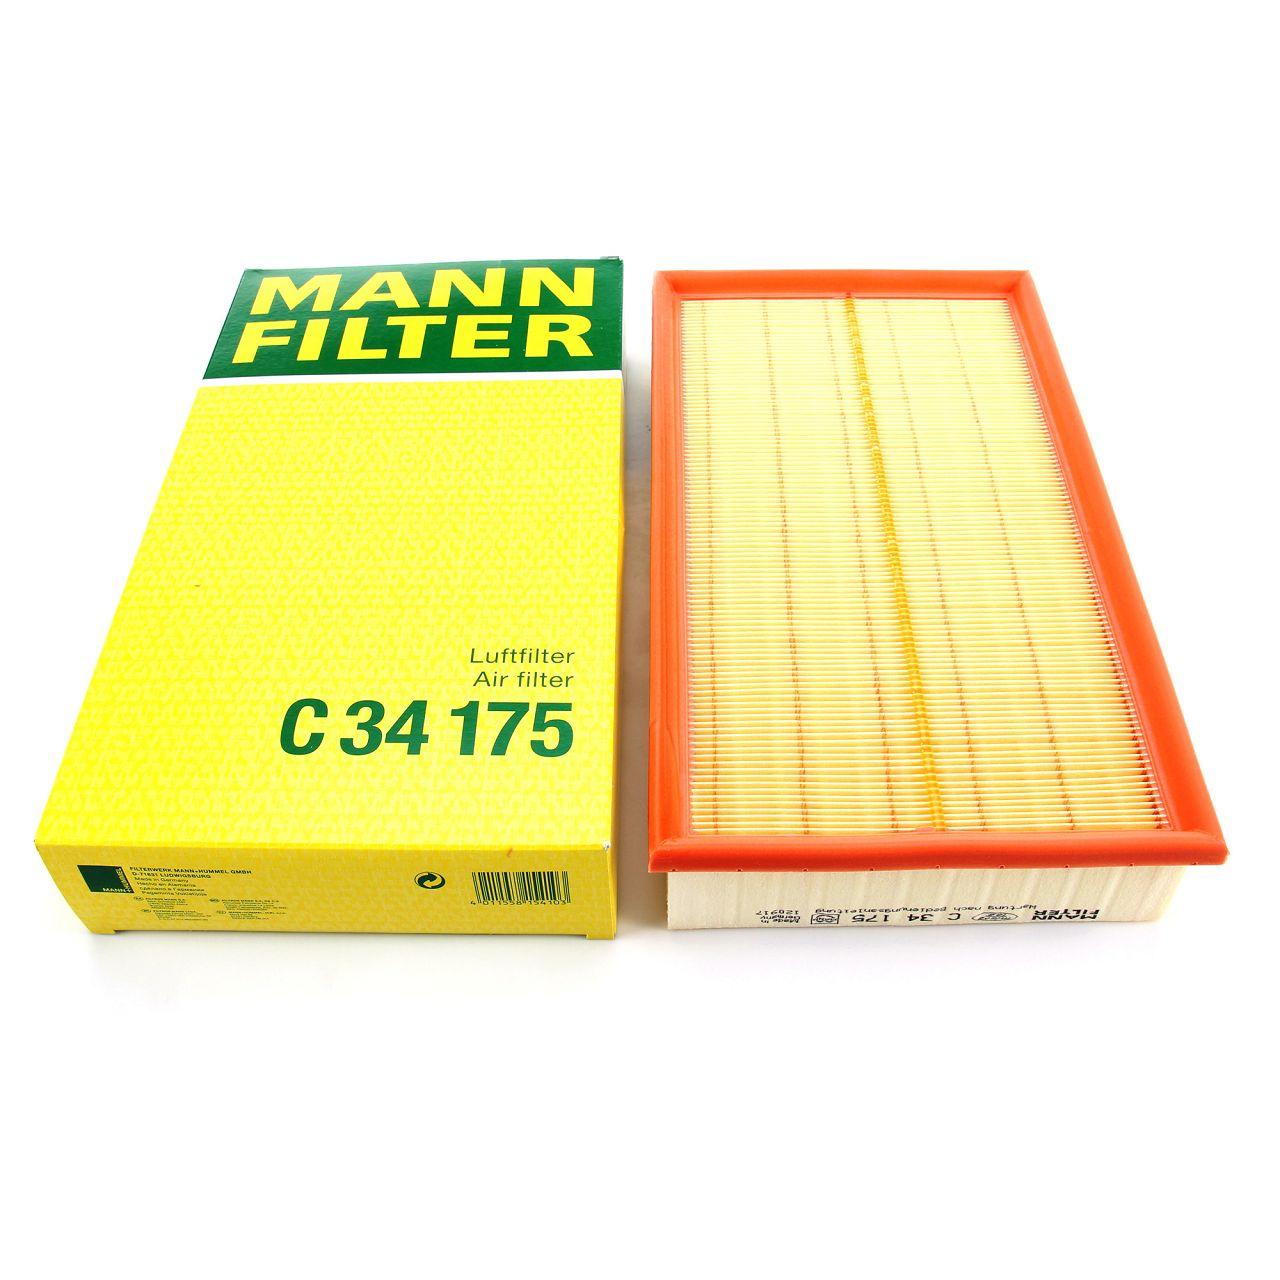 MANN Luftfilter C34175 für MERCEDES-BENZ E-KLASSE W210 + Kombi S210 6040940504